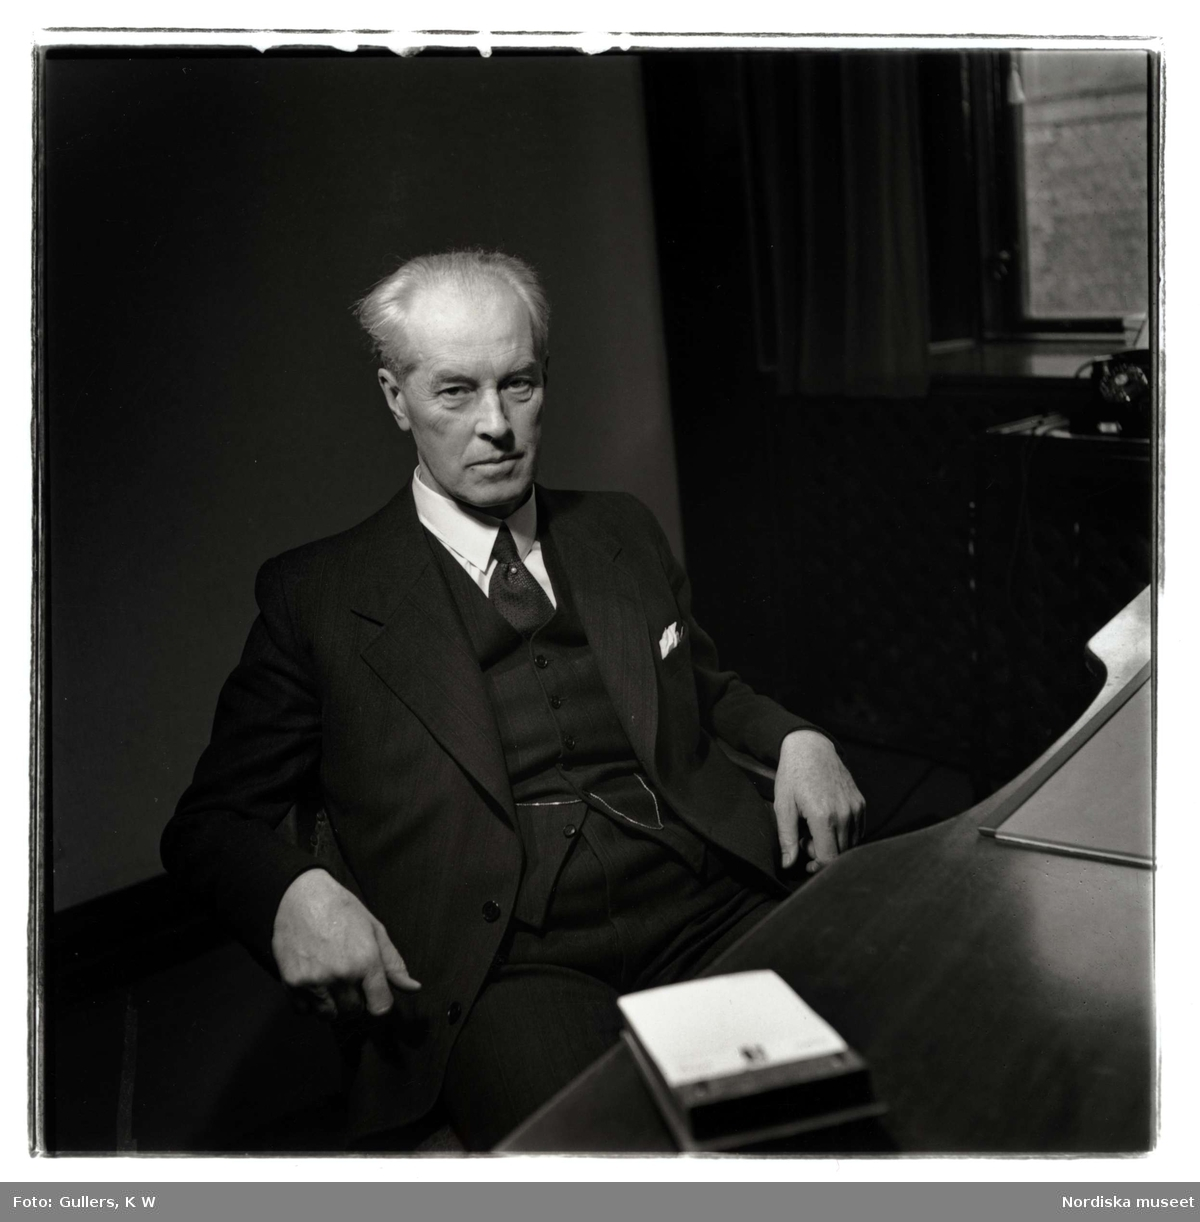 Porträtt av Torgny Segerstedt, religionsforskare, professor och publicist (1876-1945).